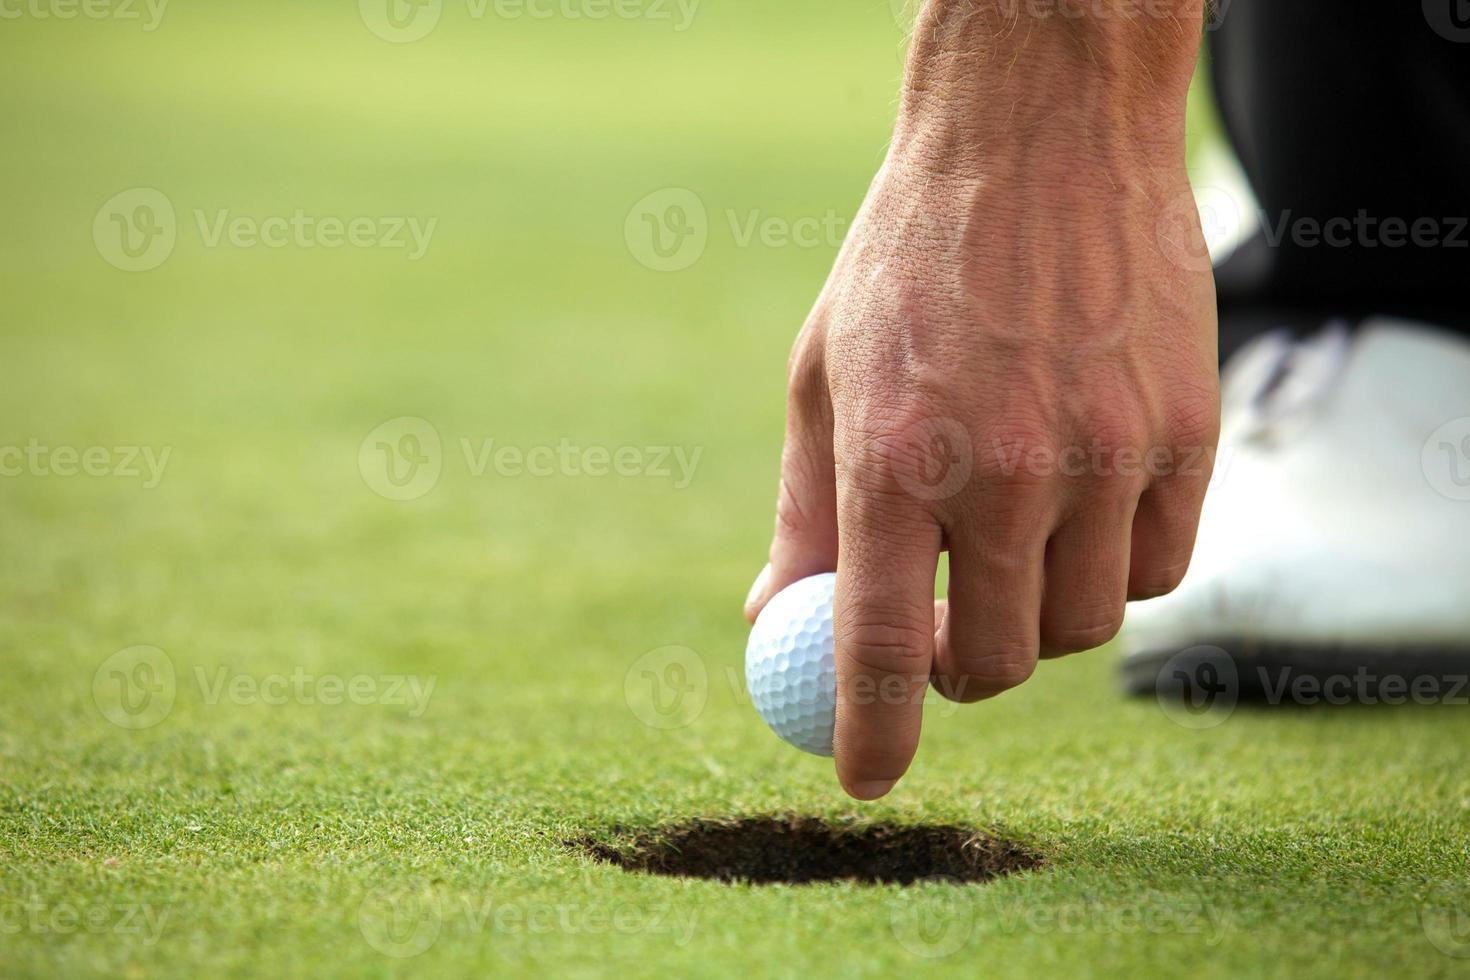 Persona sujetando una pelota de golf, primer plano foto